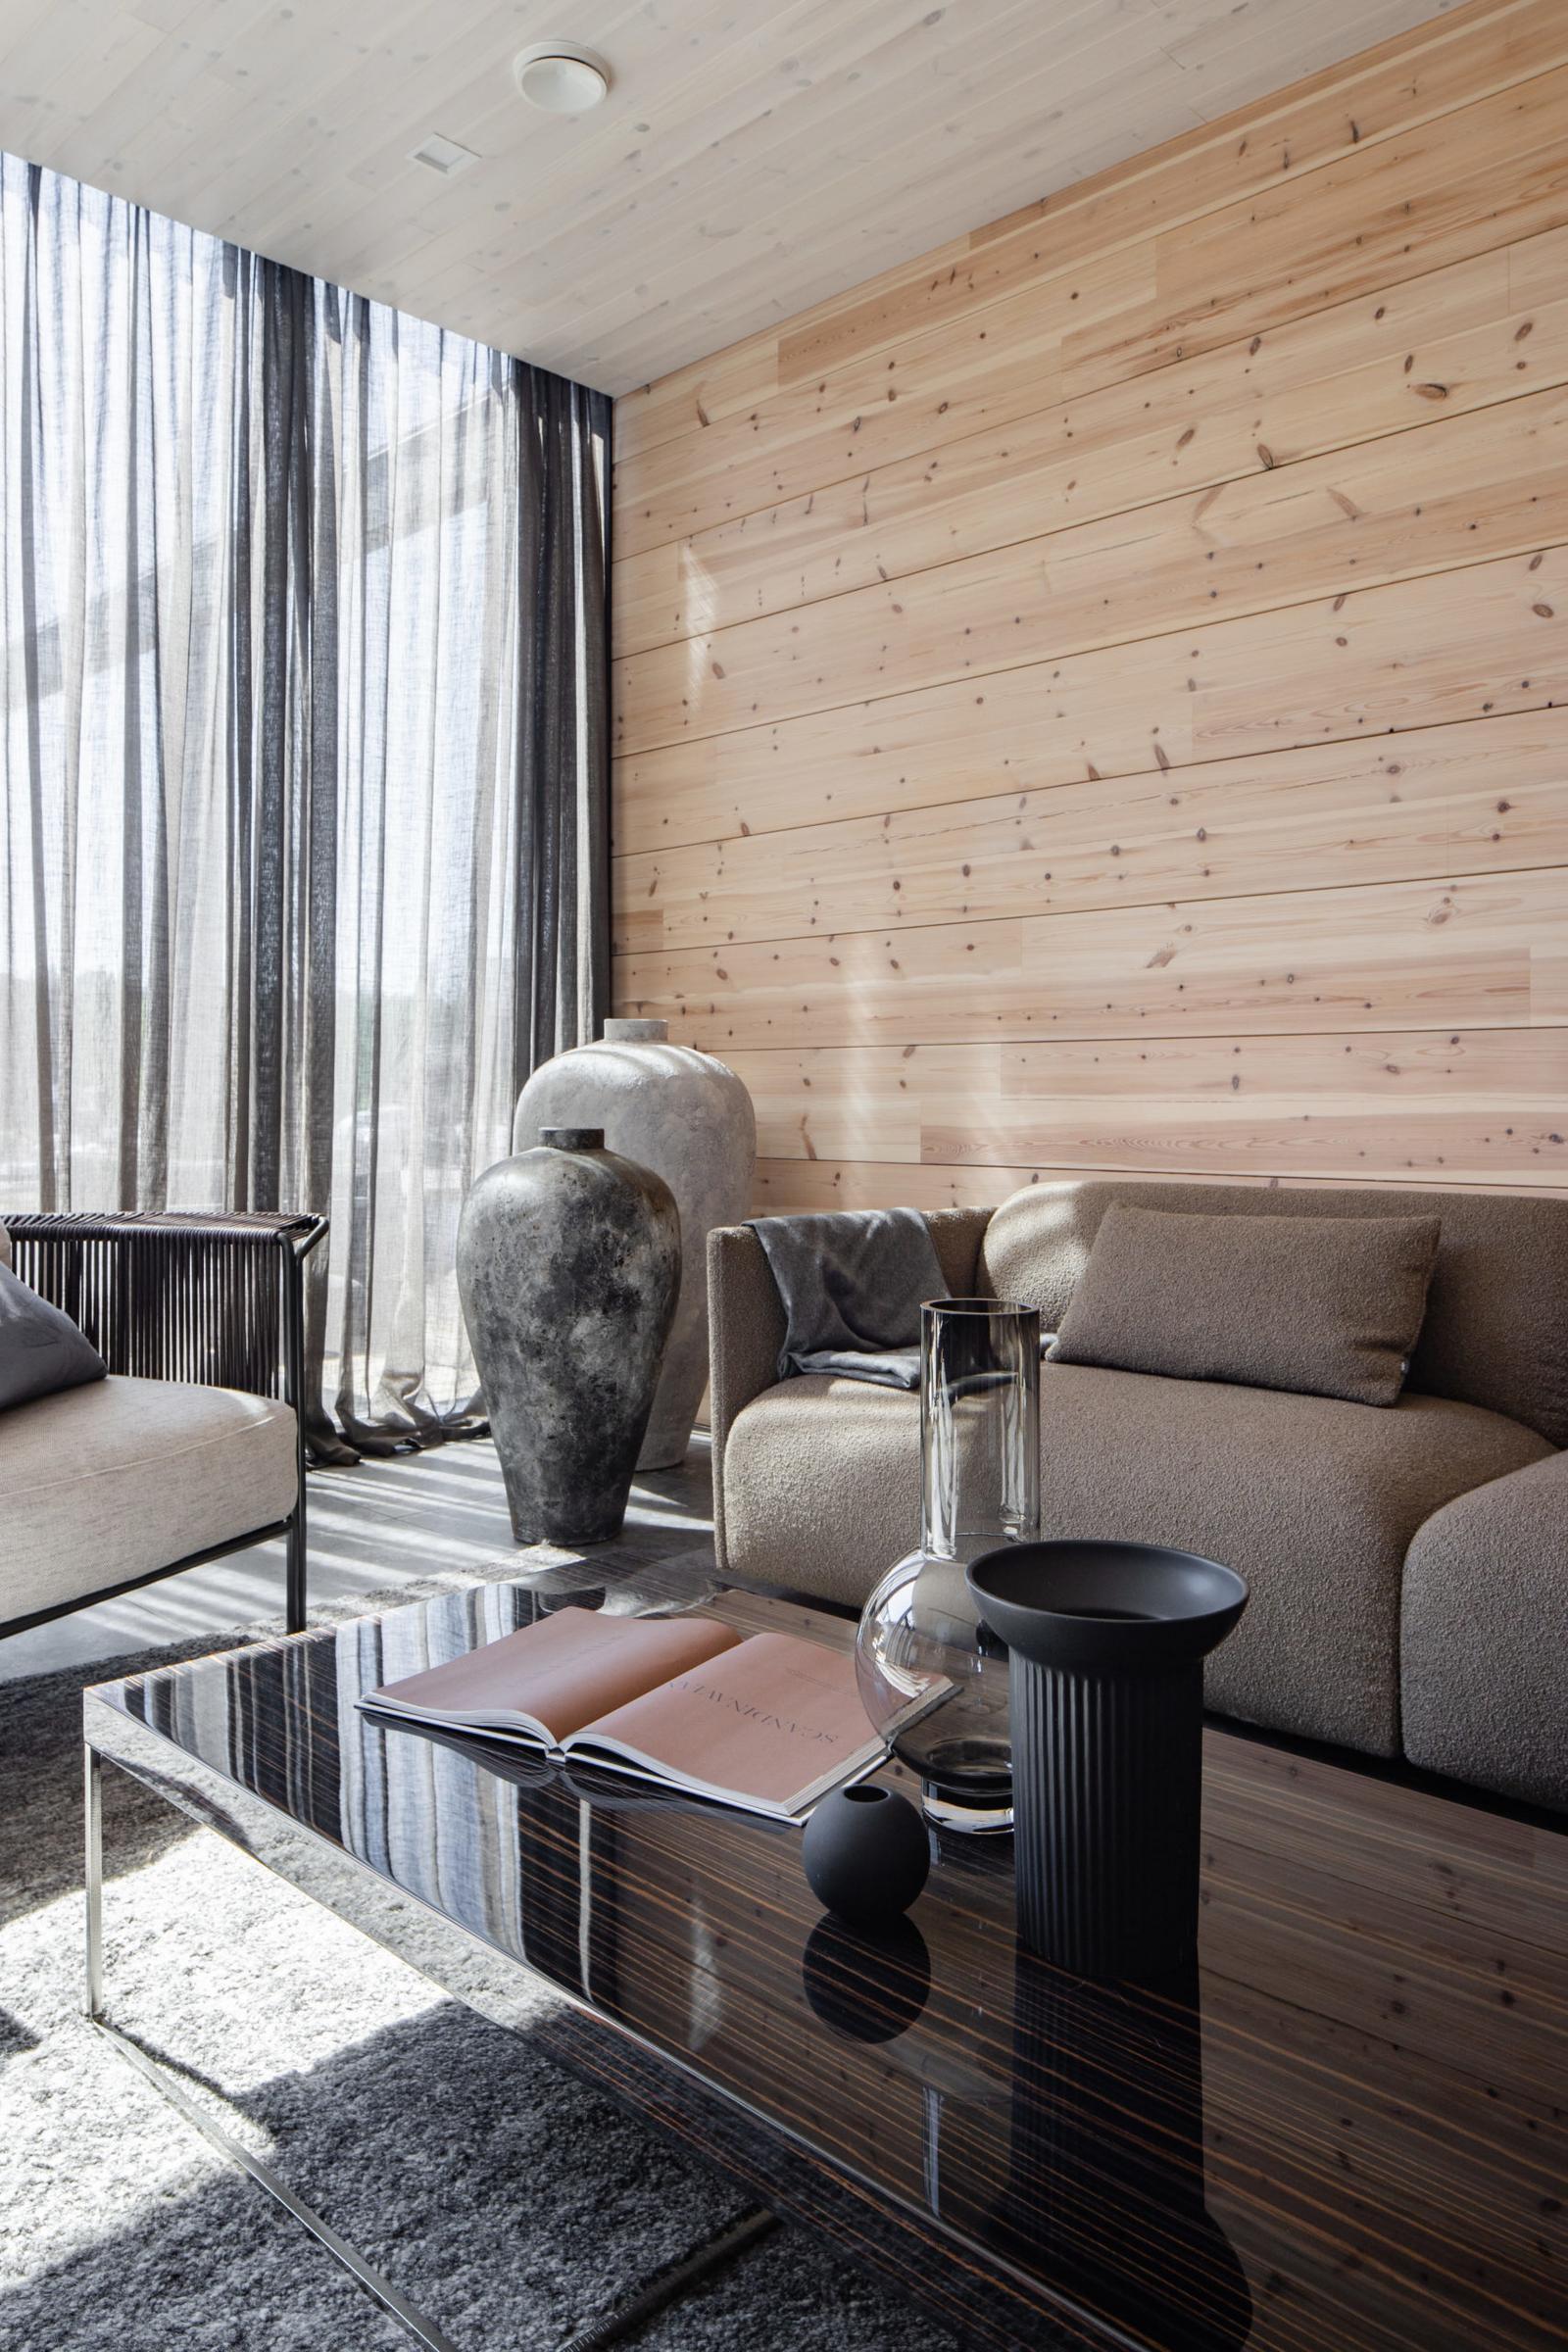 Kontio Hill House Tuusulan asuntomessukohde olohuone yksityiskohta